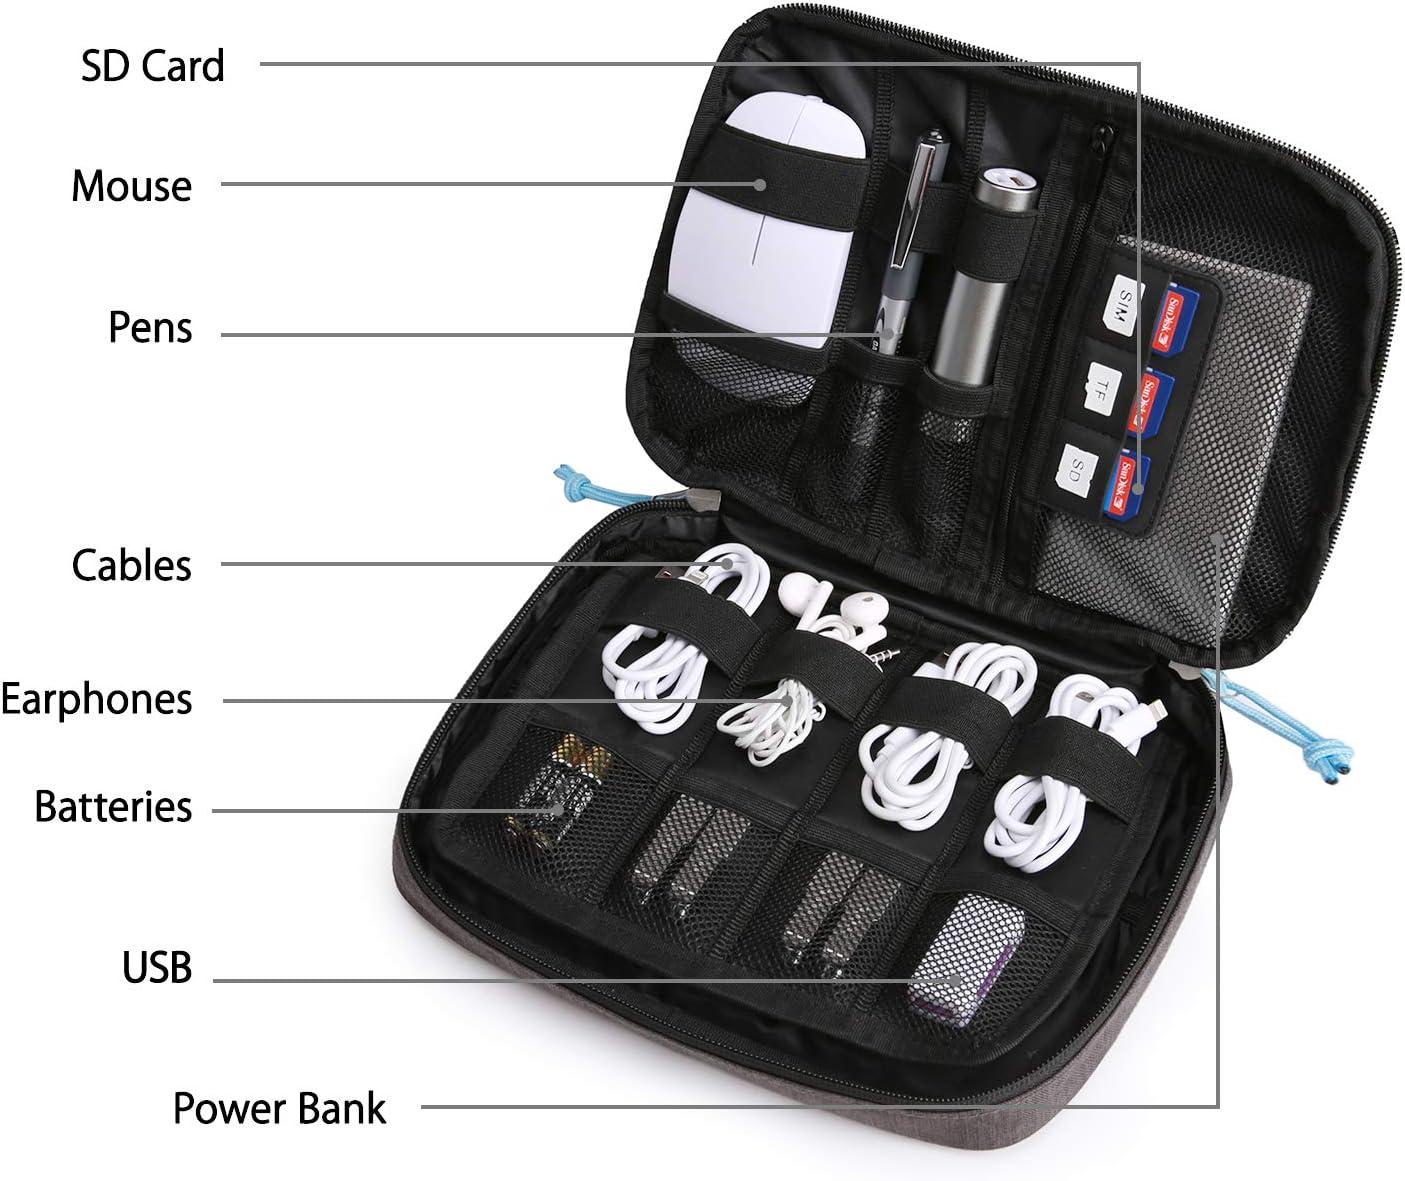 Festplatte USB Sticks Kabel bagsmart Elektronik Tasche Organizer Reise Tasche Elektronische Tasche Doppelschichte f/ür Handy Ladekabel SD Karten Hellblau